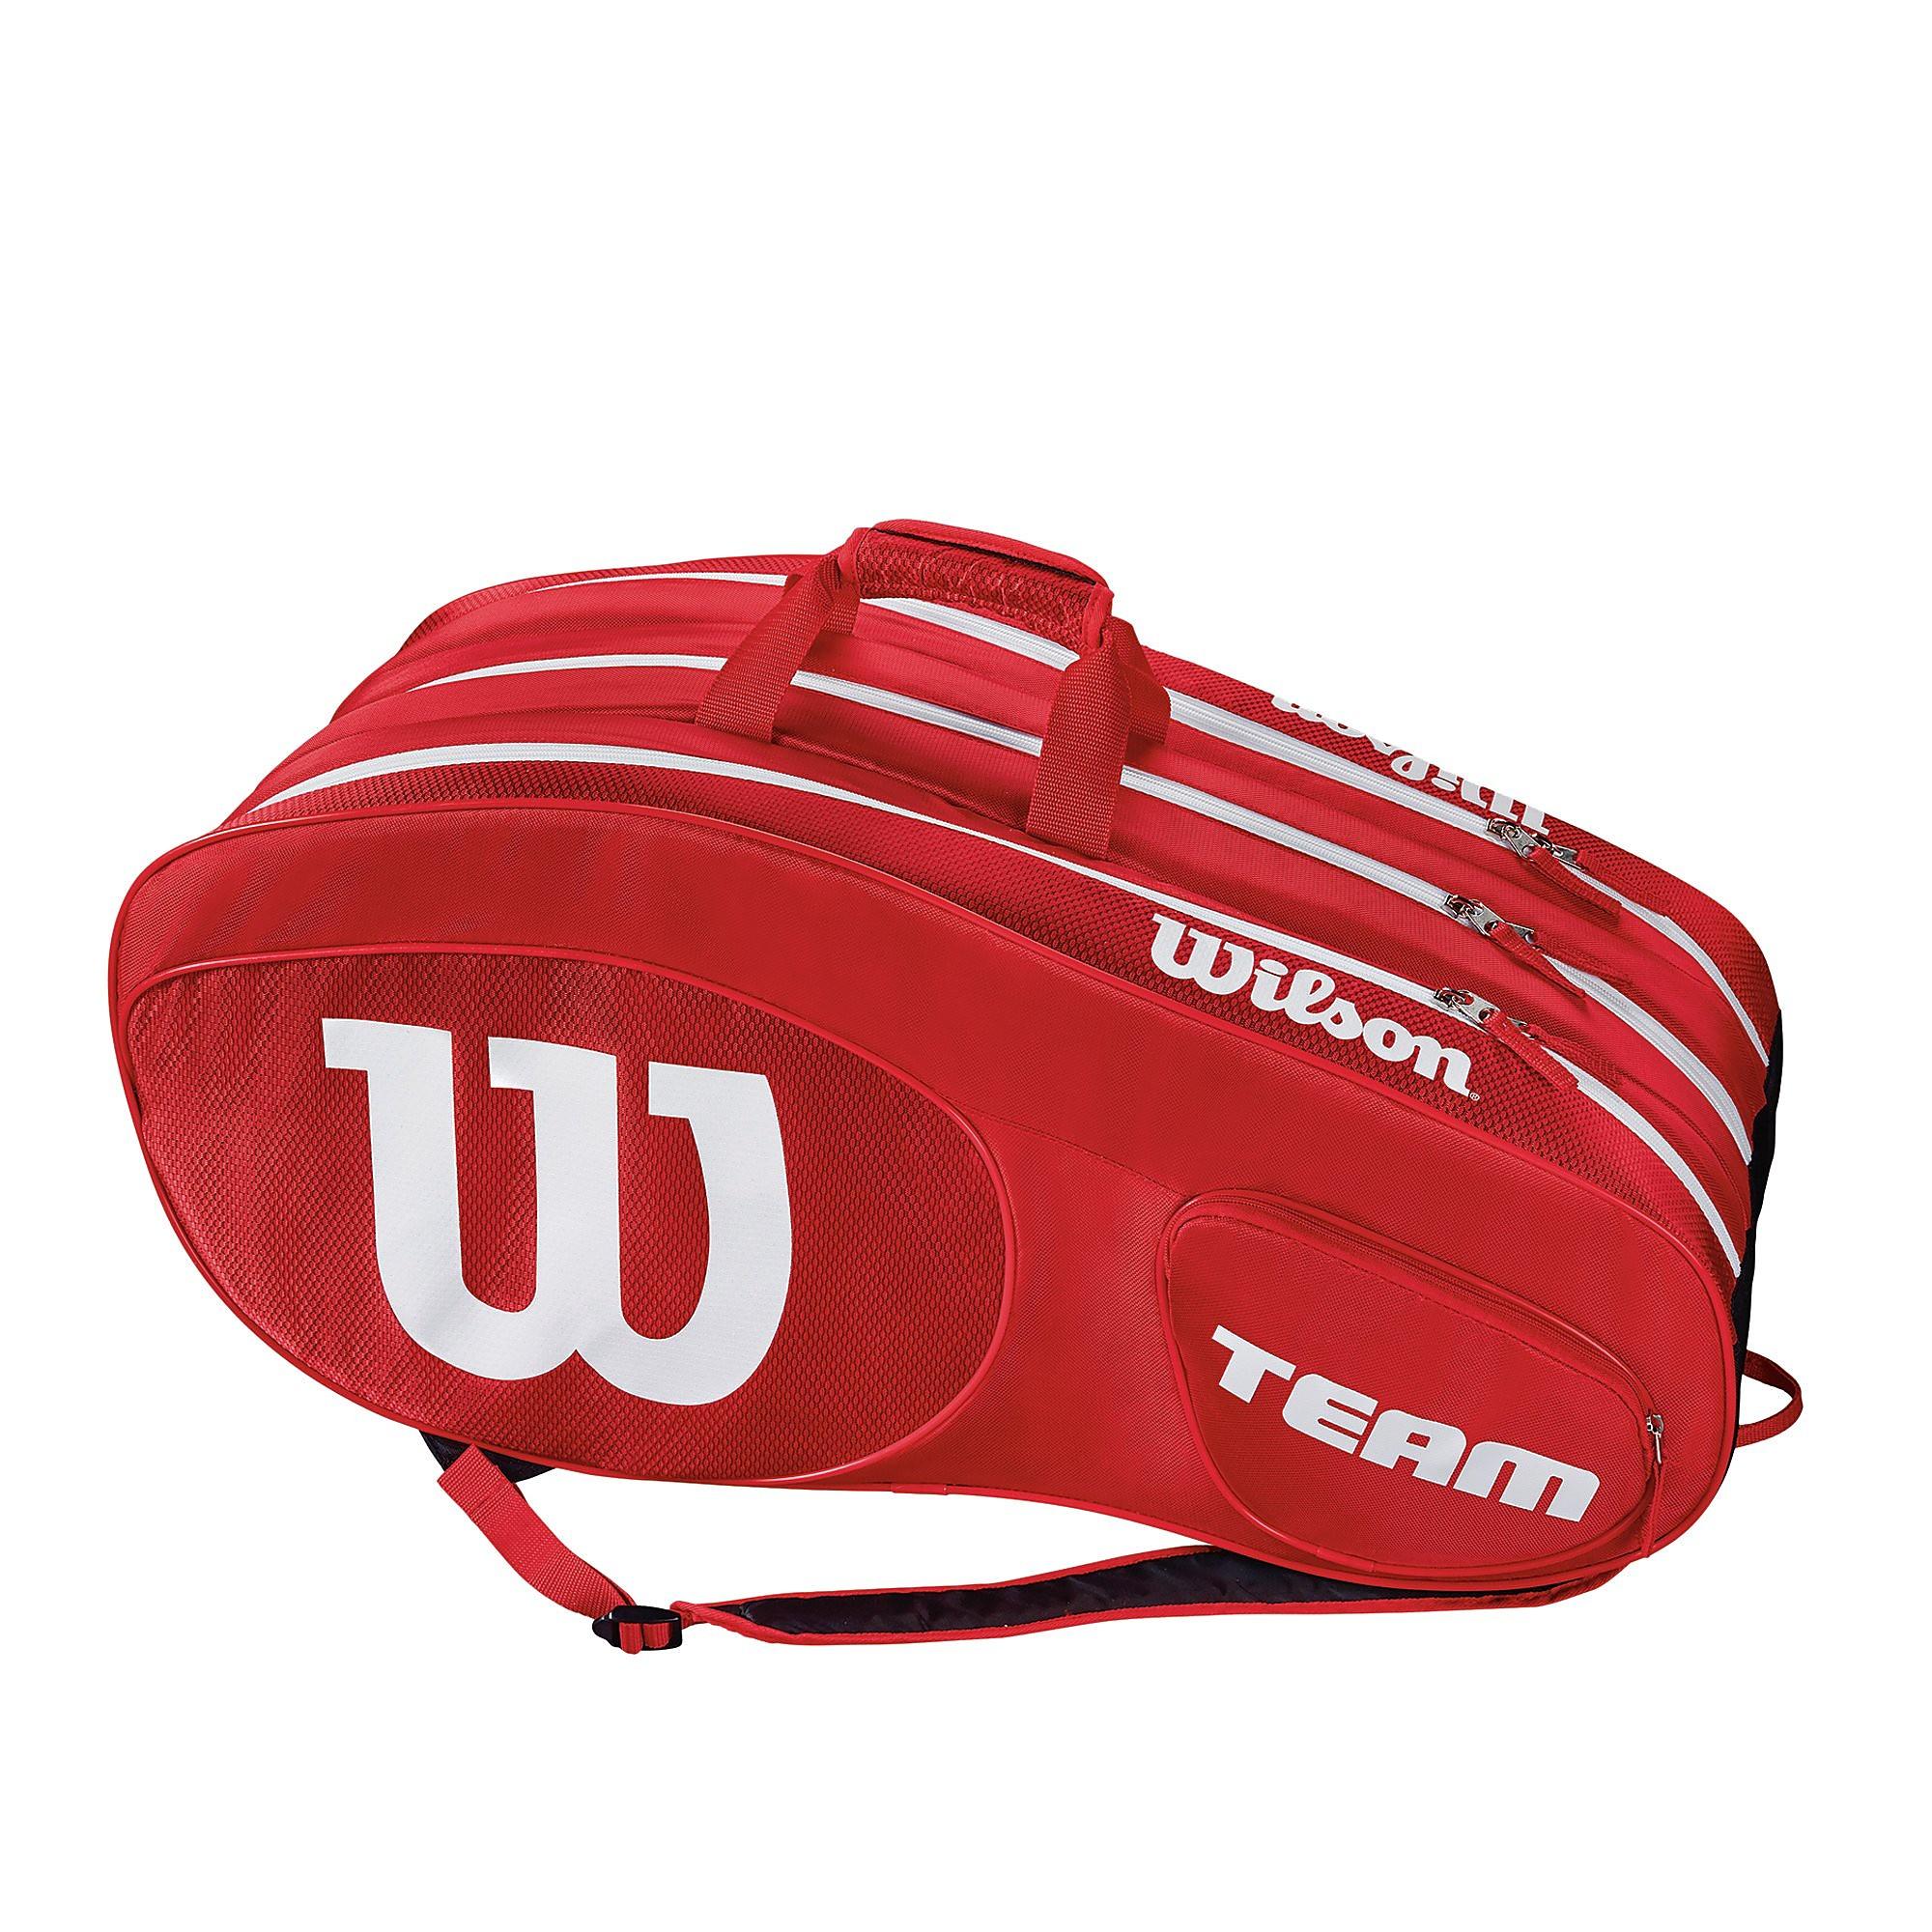 Men's Wilson Team III 12 Pack Tennis Racket Bag - Red, Red